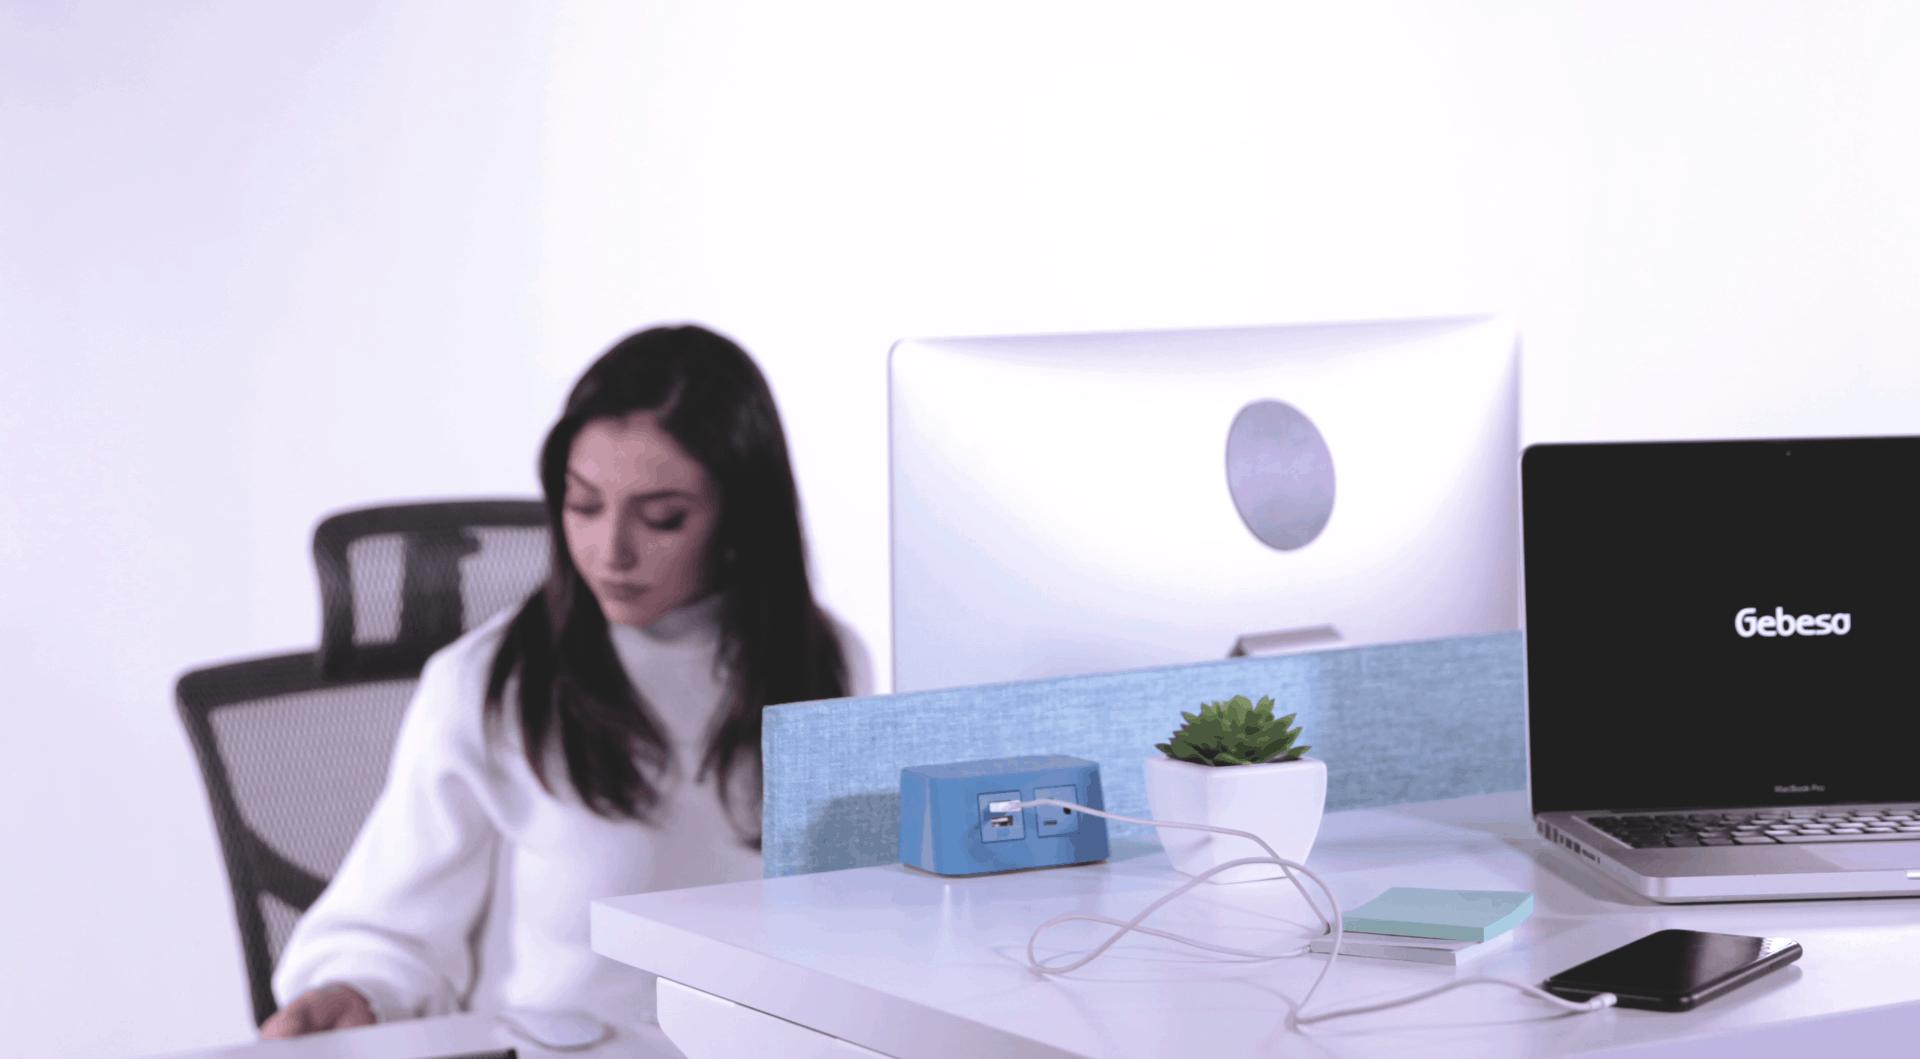 tecnologia-mejora-productividad-en-oficina